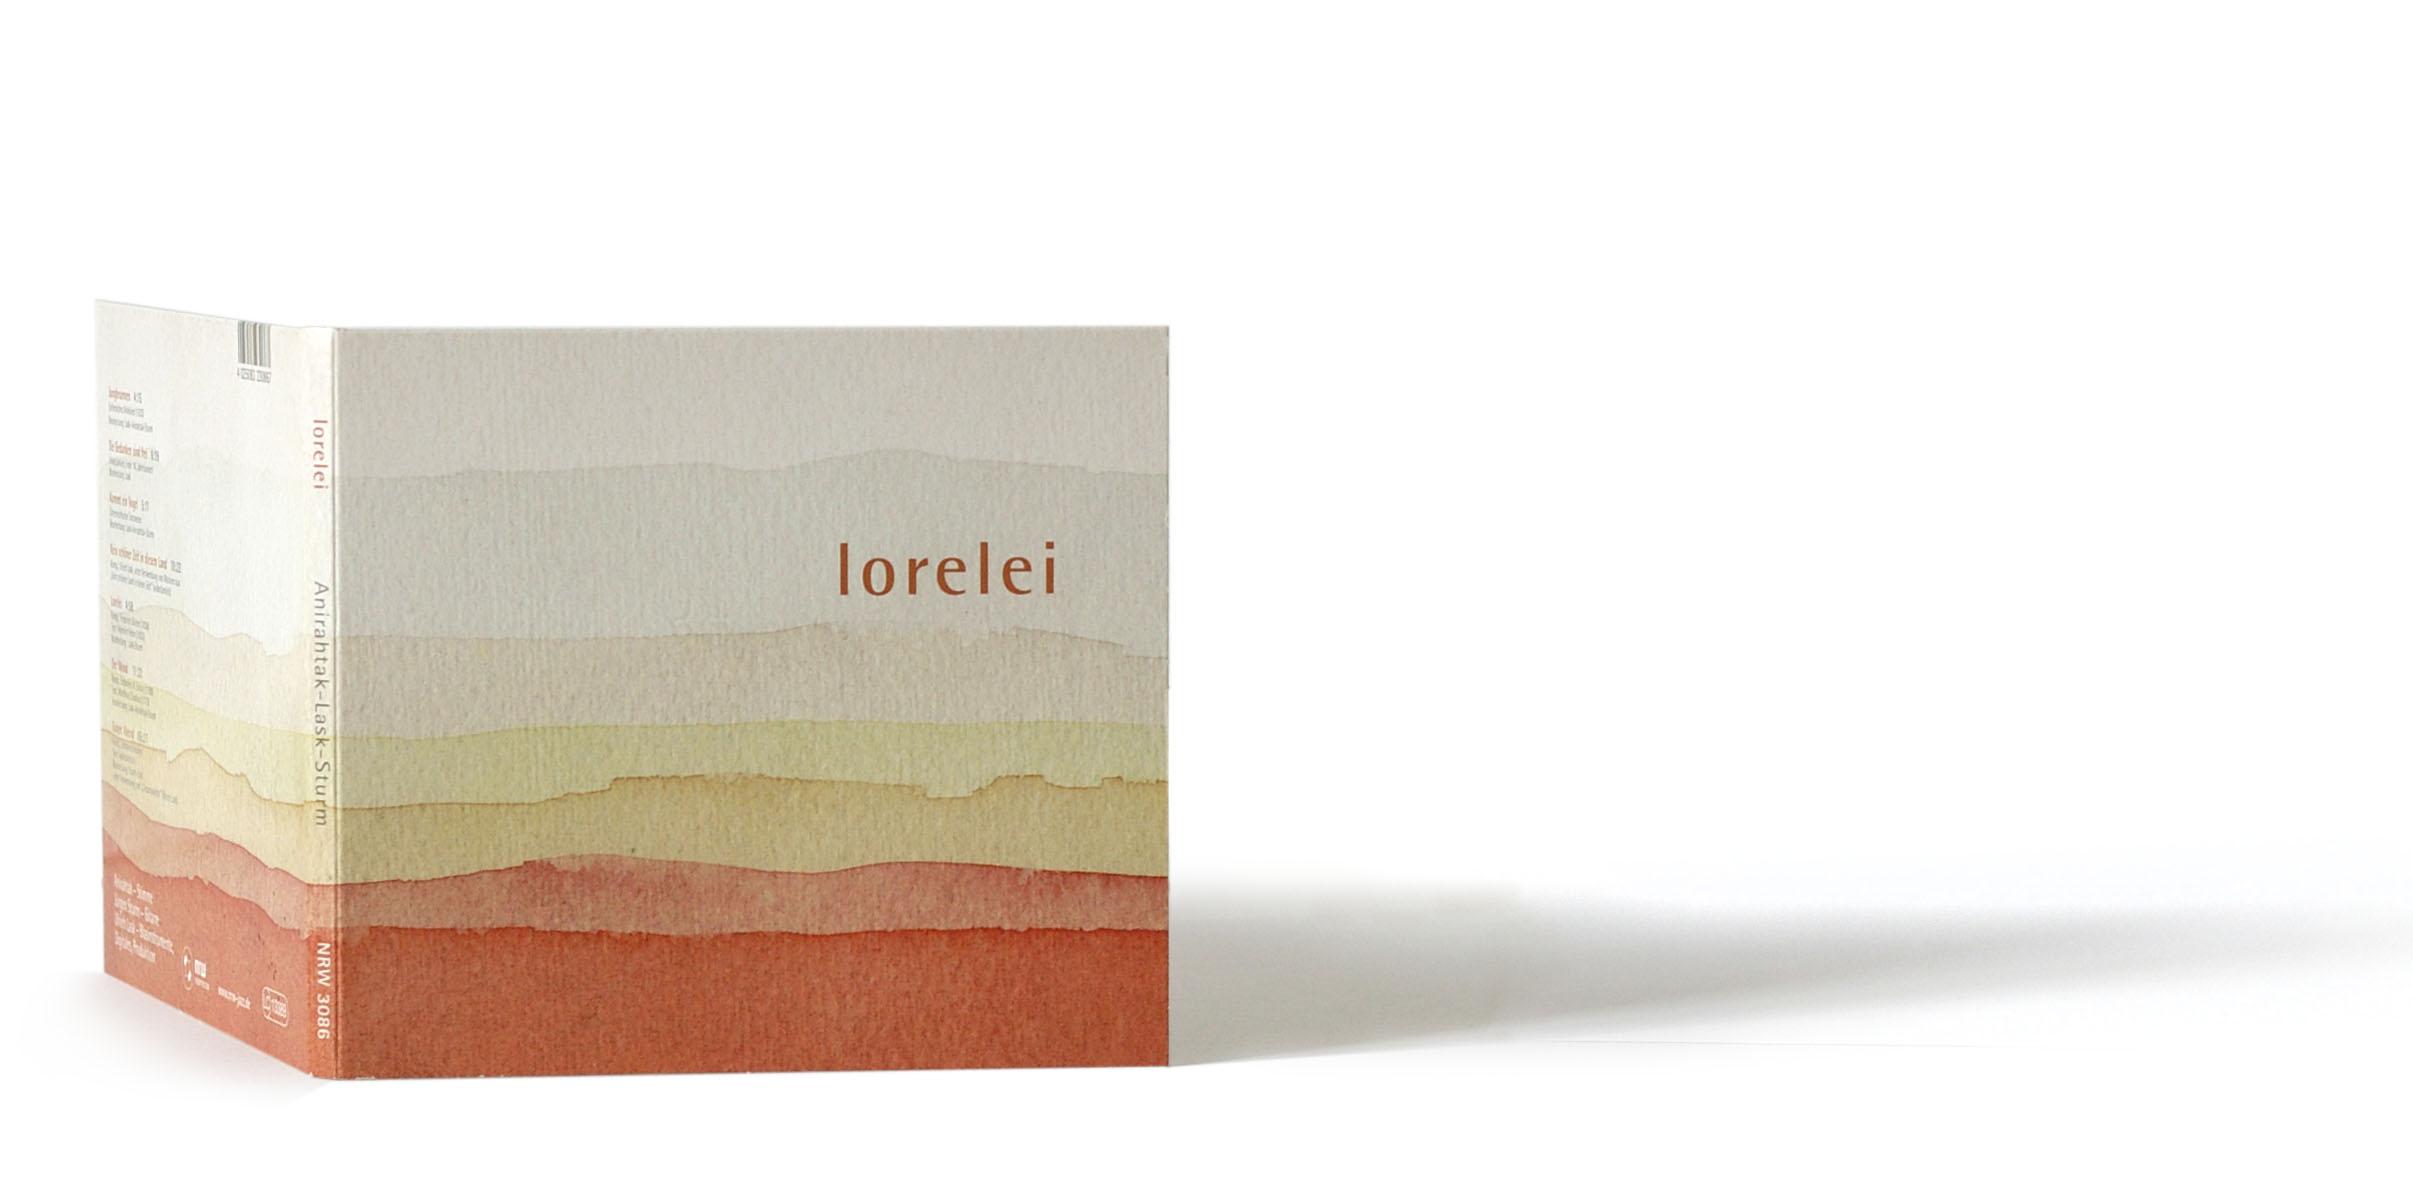 01_Lorelei_Cover